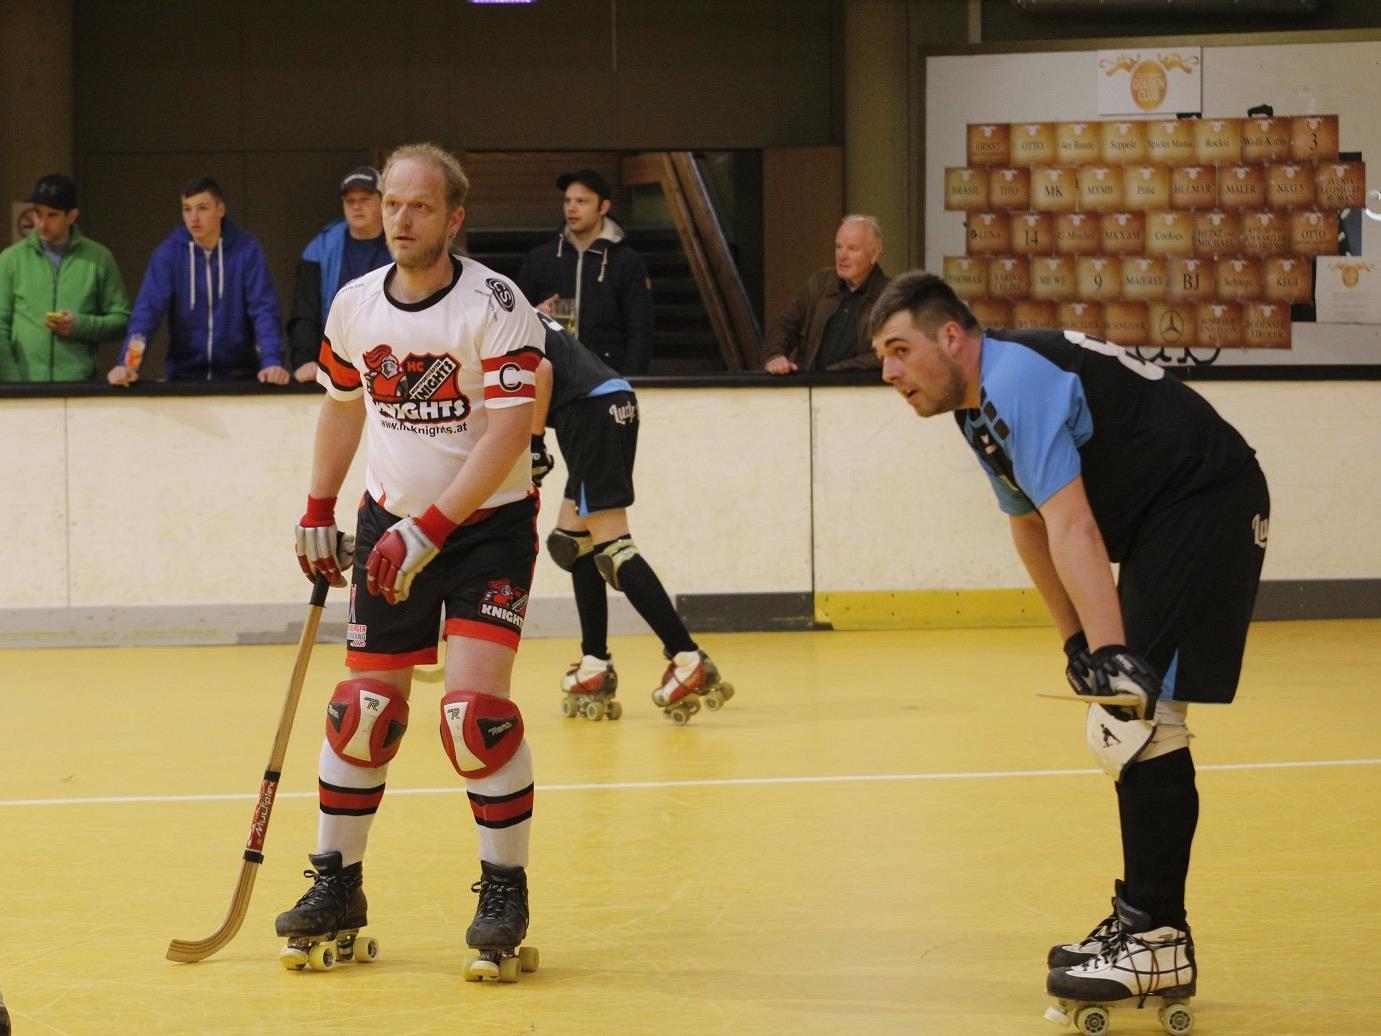 HC Knights Rollhockey